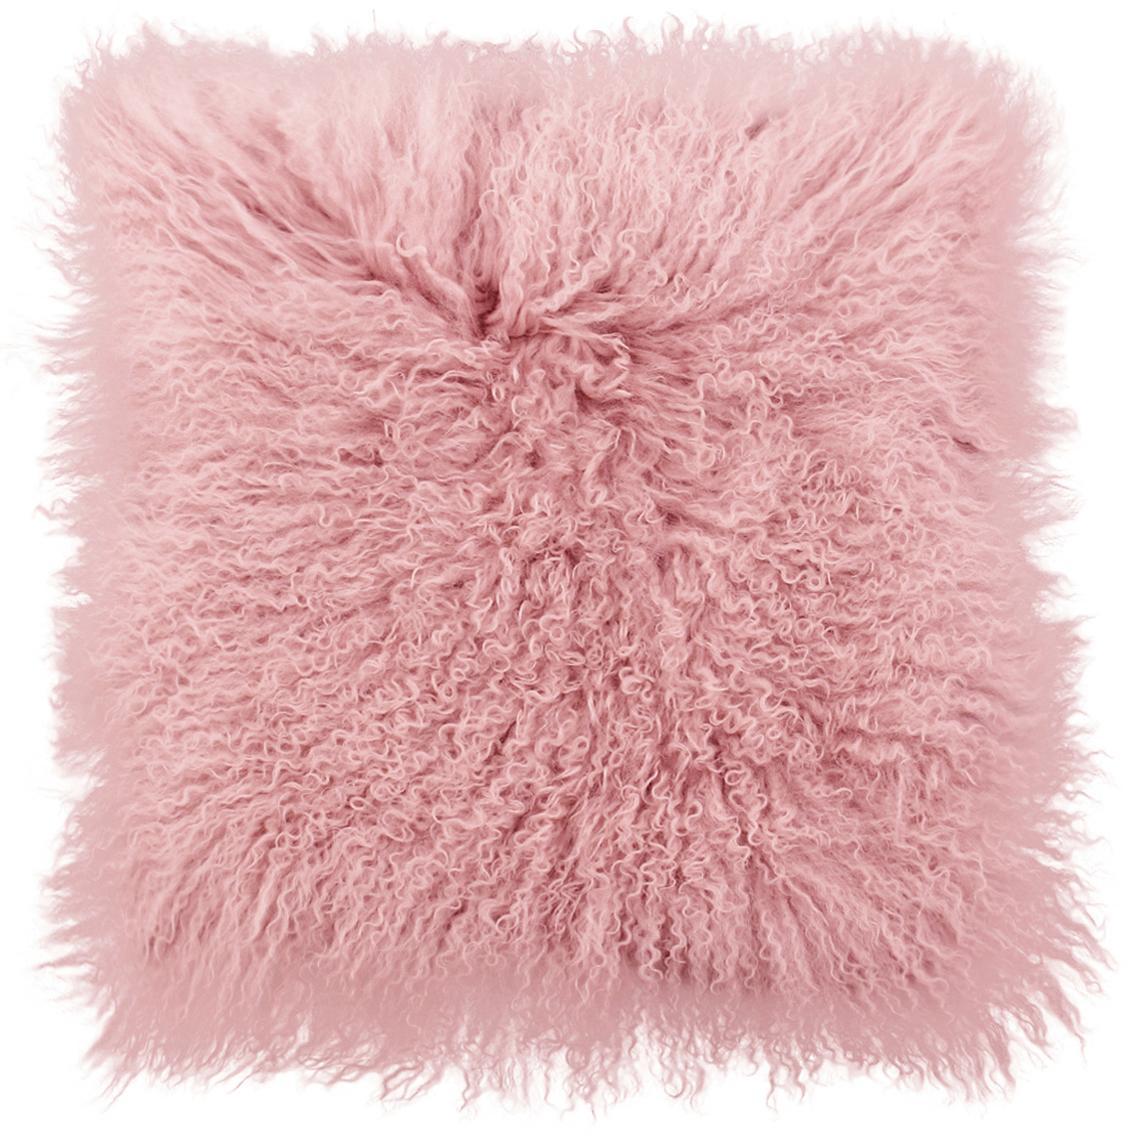 Federa arredo in pelliccia d'agnello a pelo lungo Ella, Retro: 100% poliestere, Rosa, Larg. 40 x Lung. 40 cm